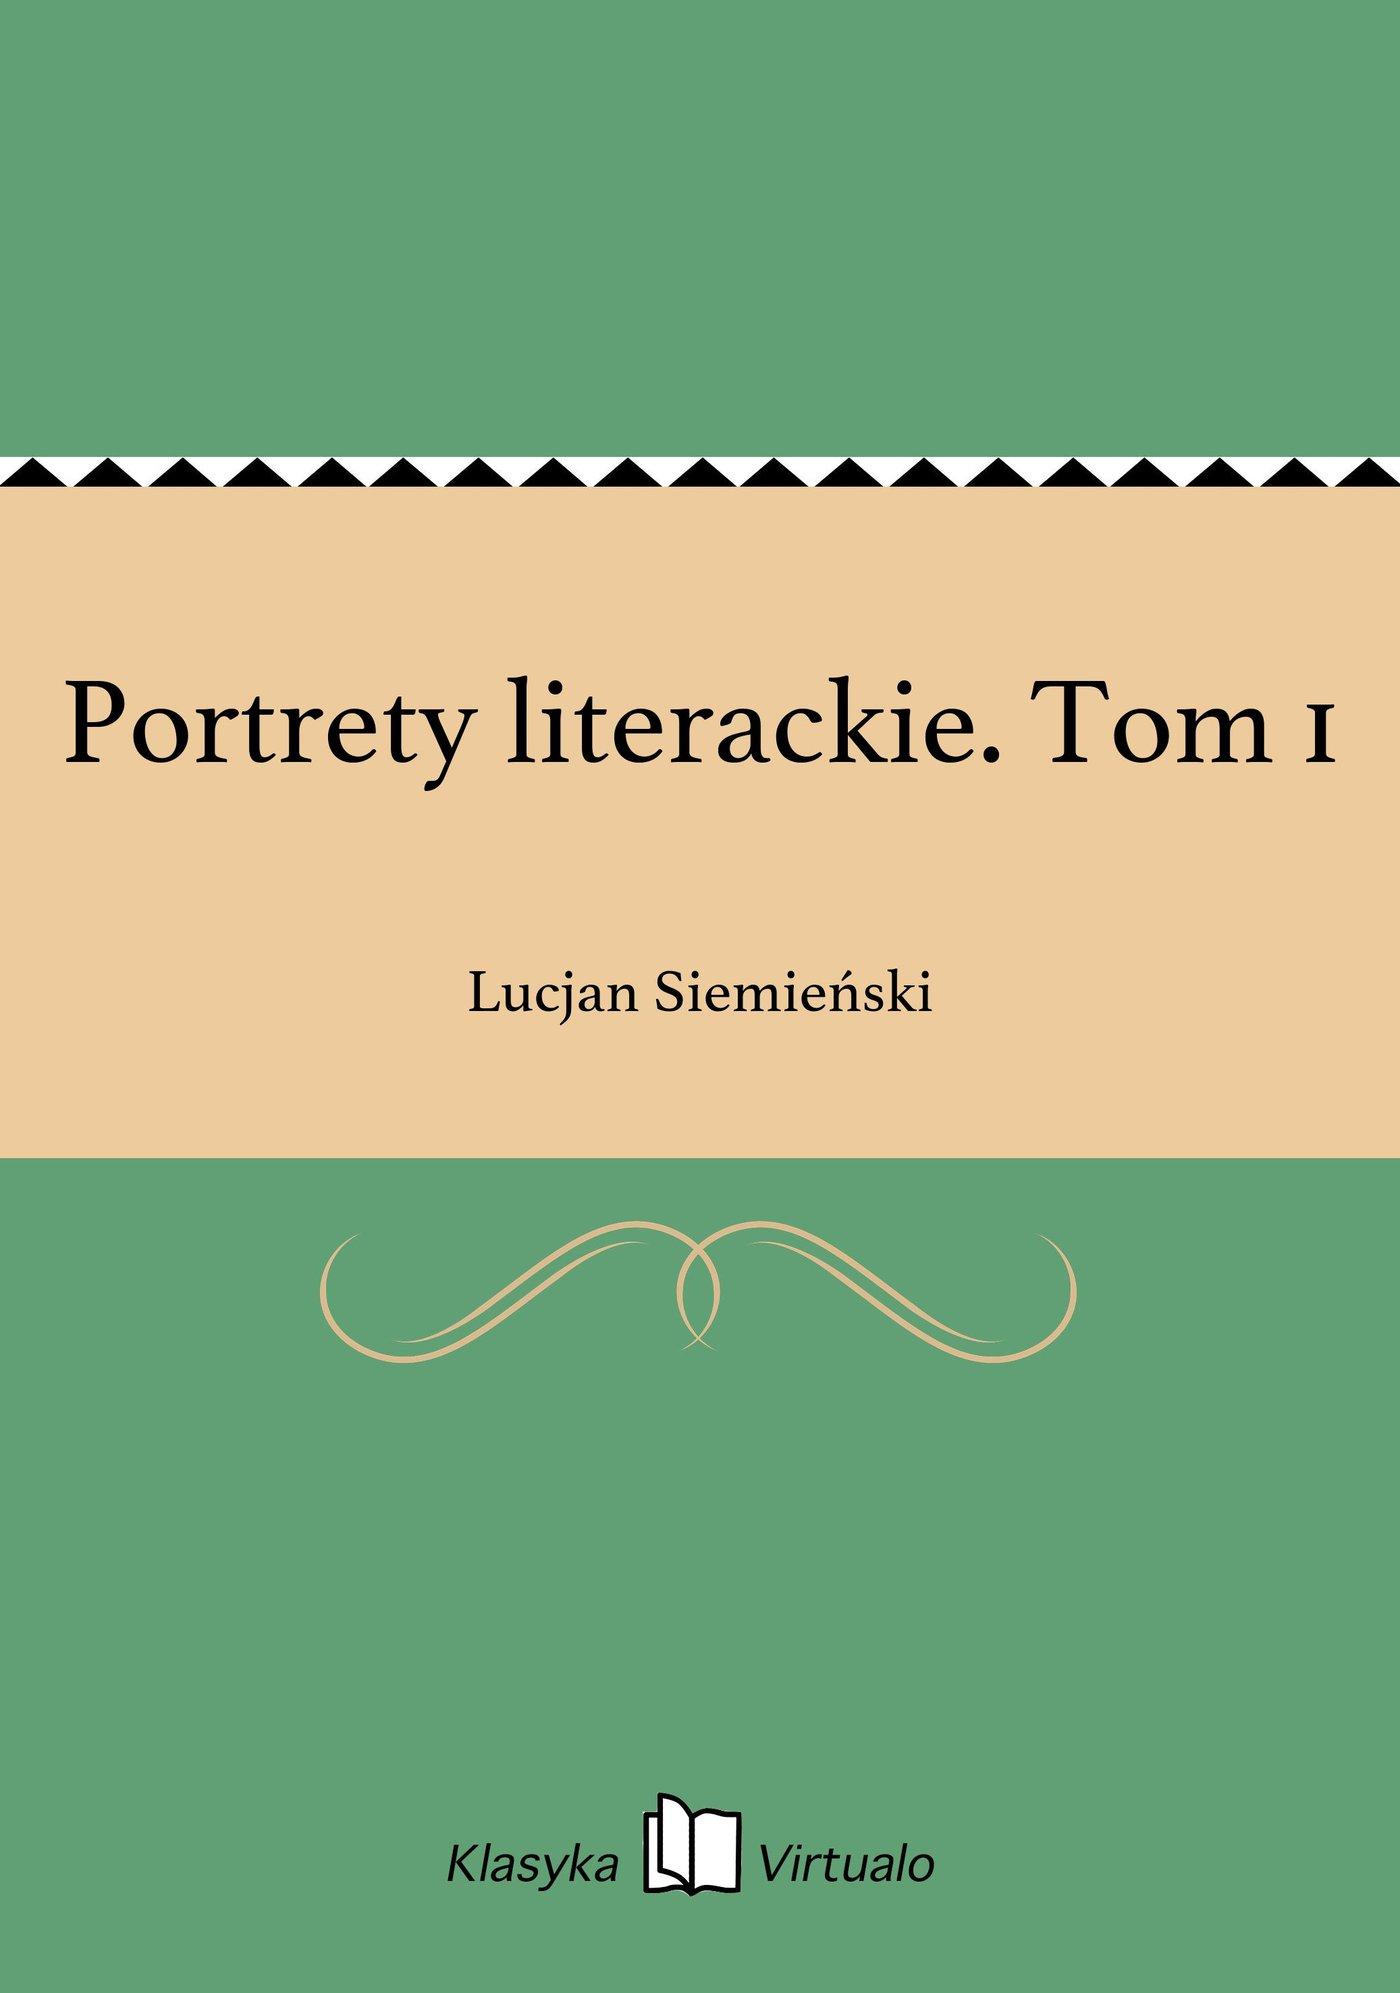 Portrety literackie. Tom 1 - Ebook (Książka EPUB) do pobrania w formacie EPUB